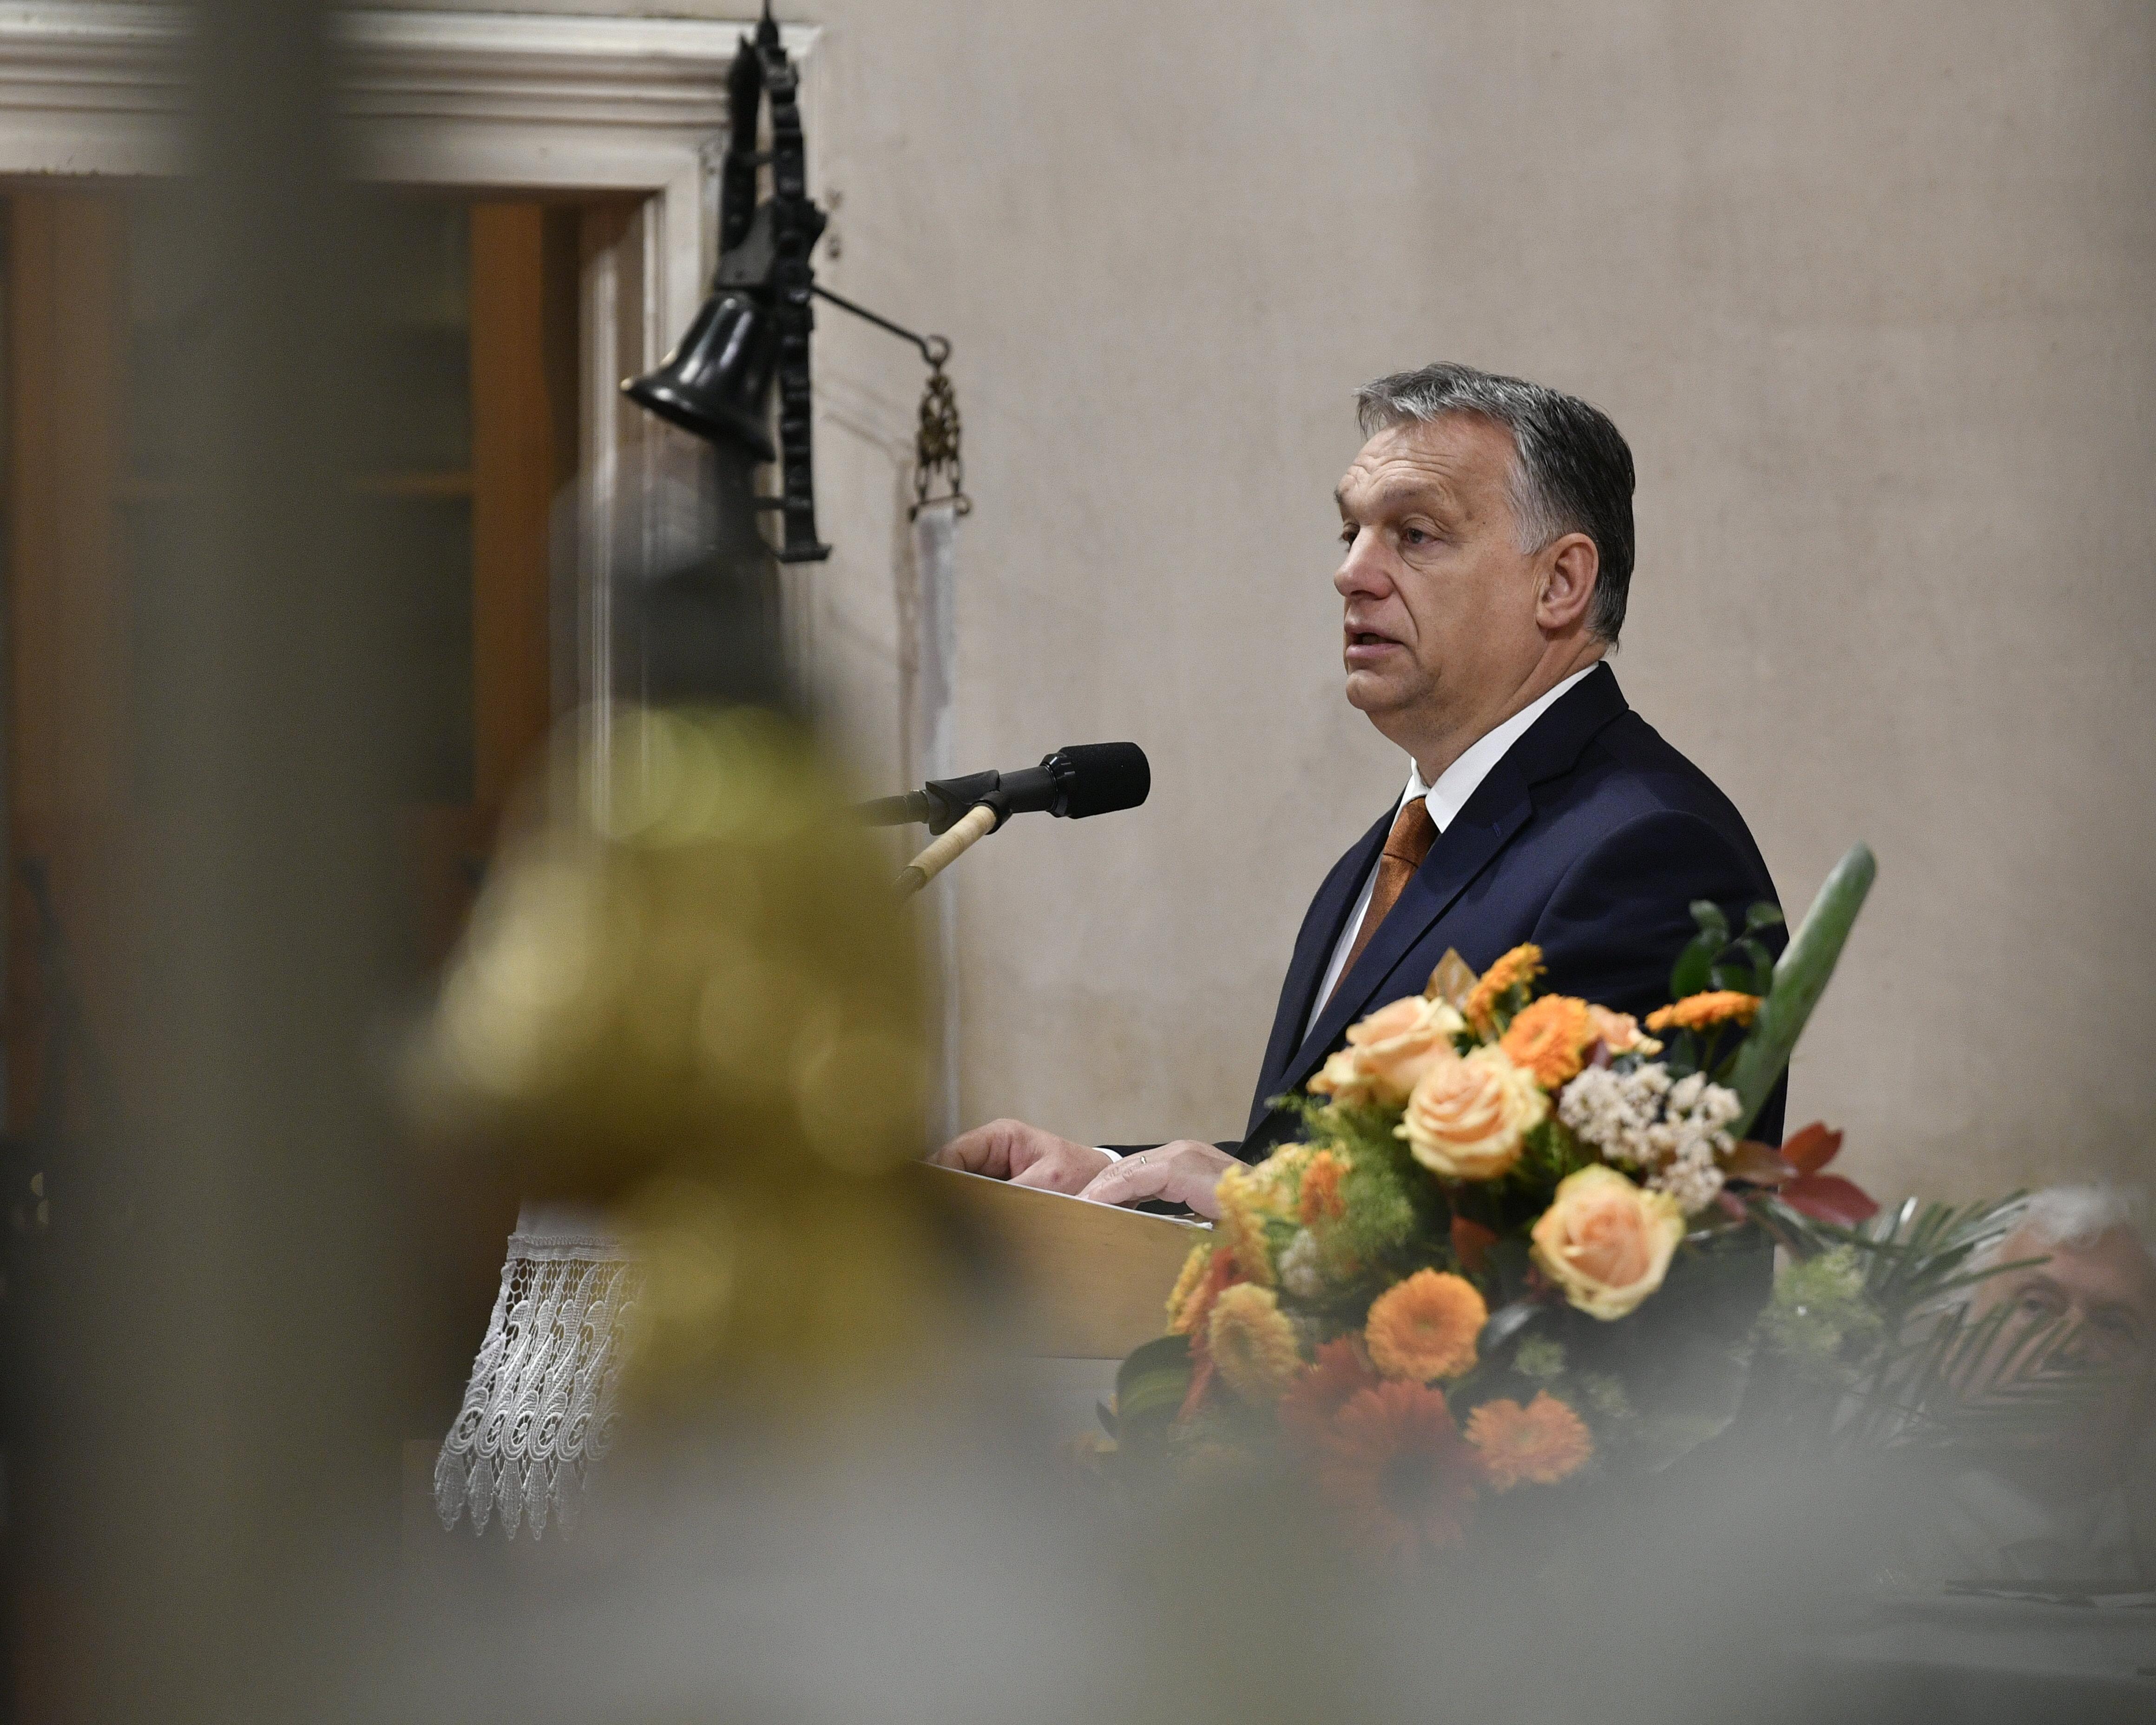 Orbán a szószékről: csak a kereszténység kétezer éves fundamentumán állva lehet megvédeni értékeinket